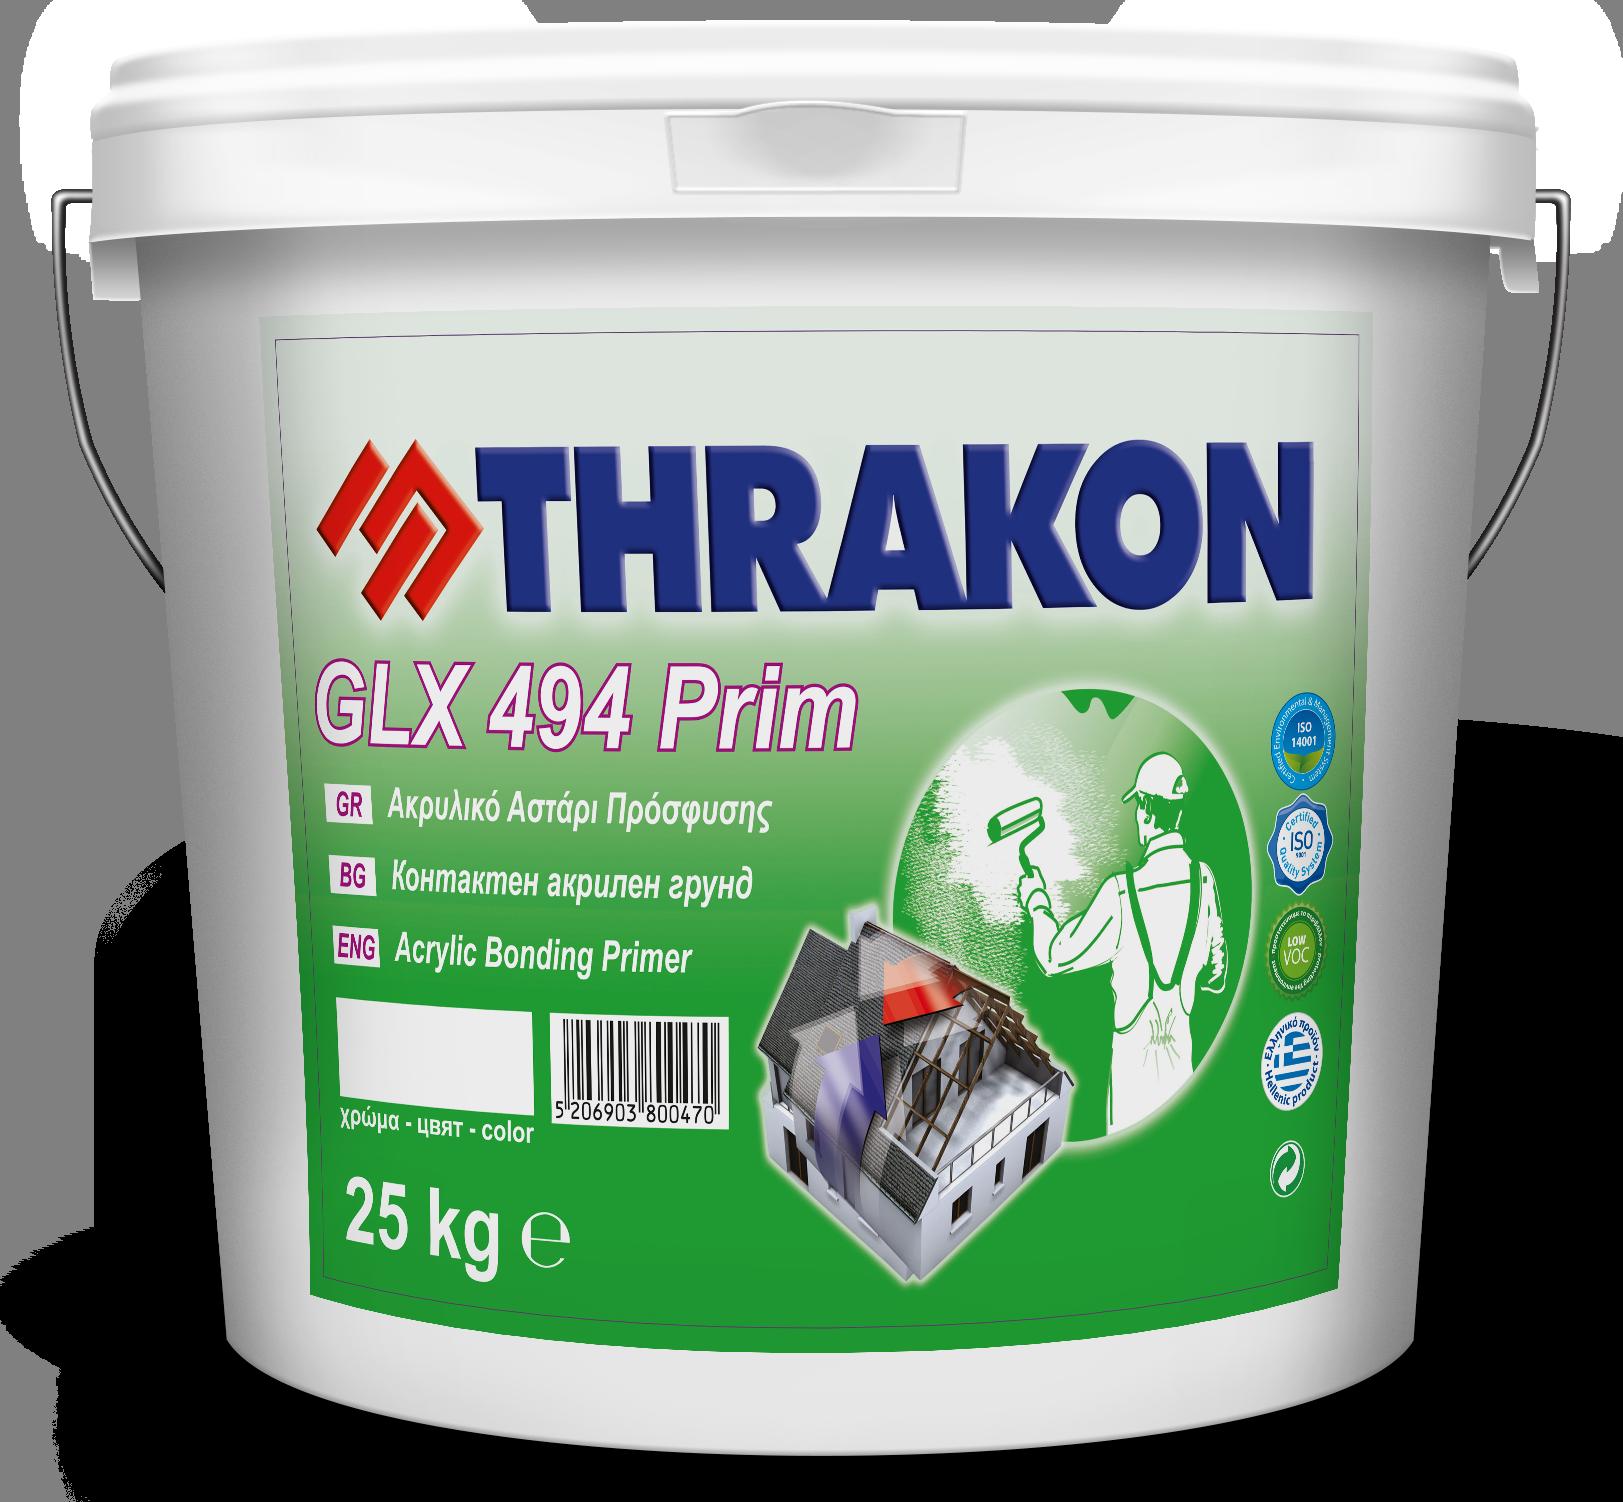 Thrakon GLX-494 Prim